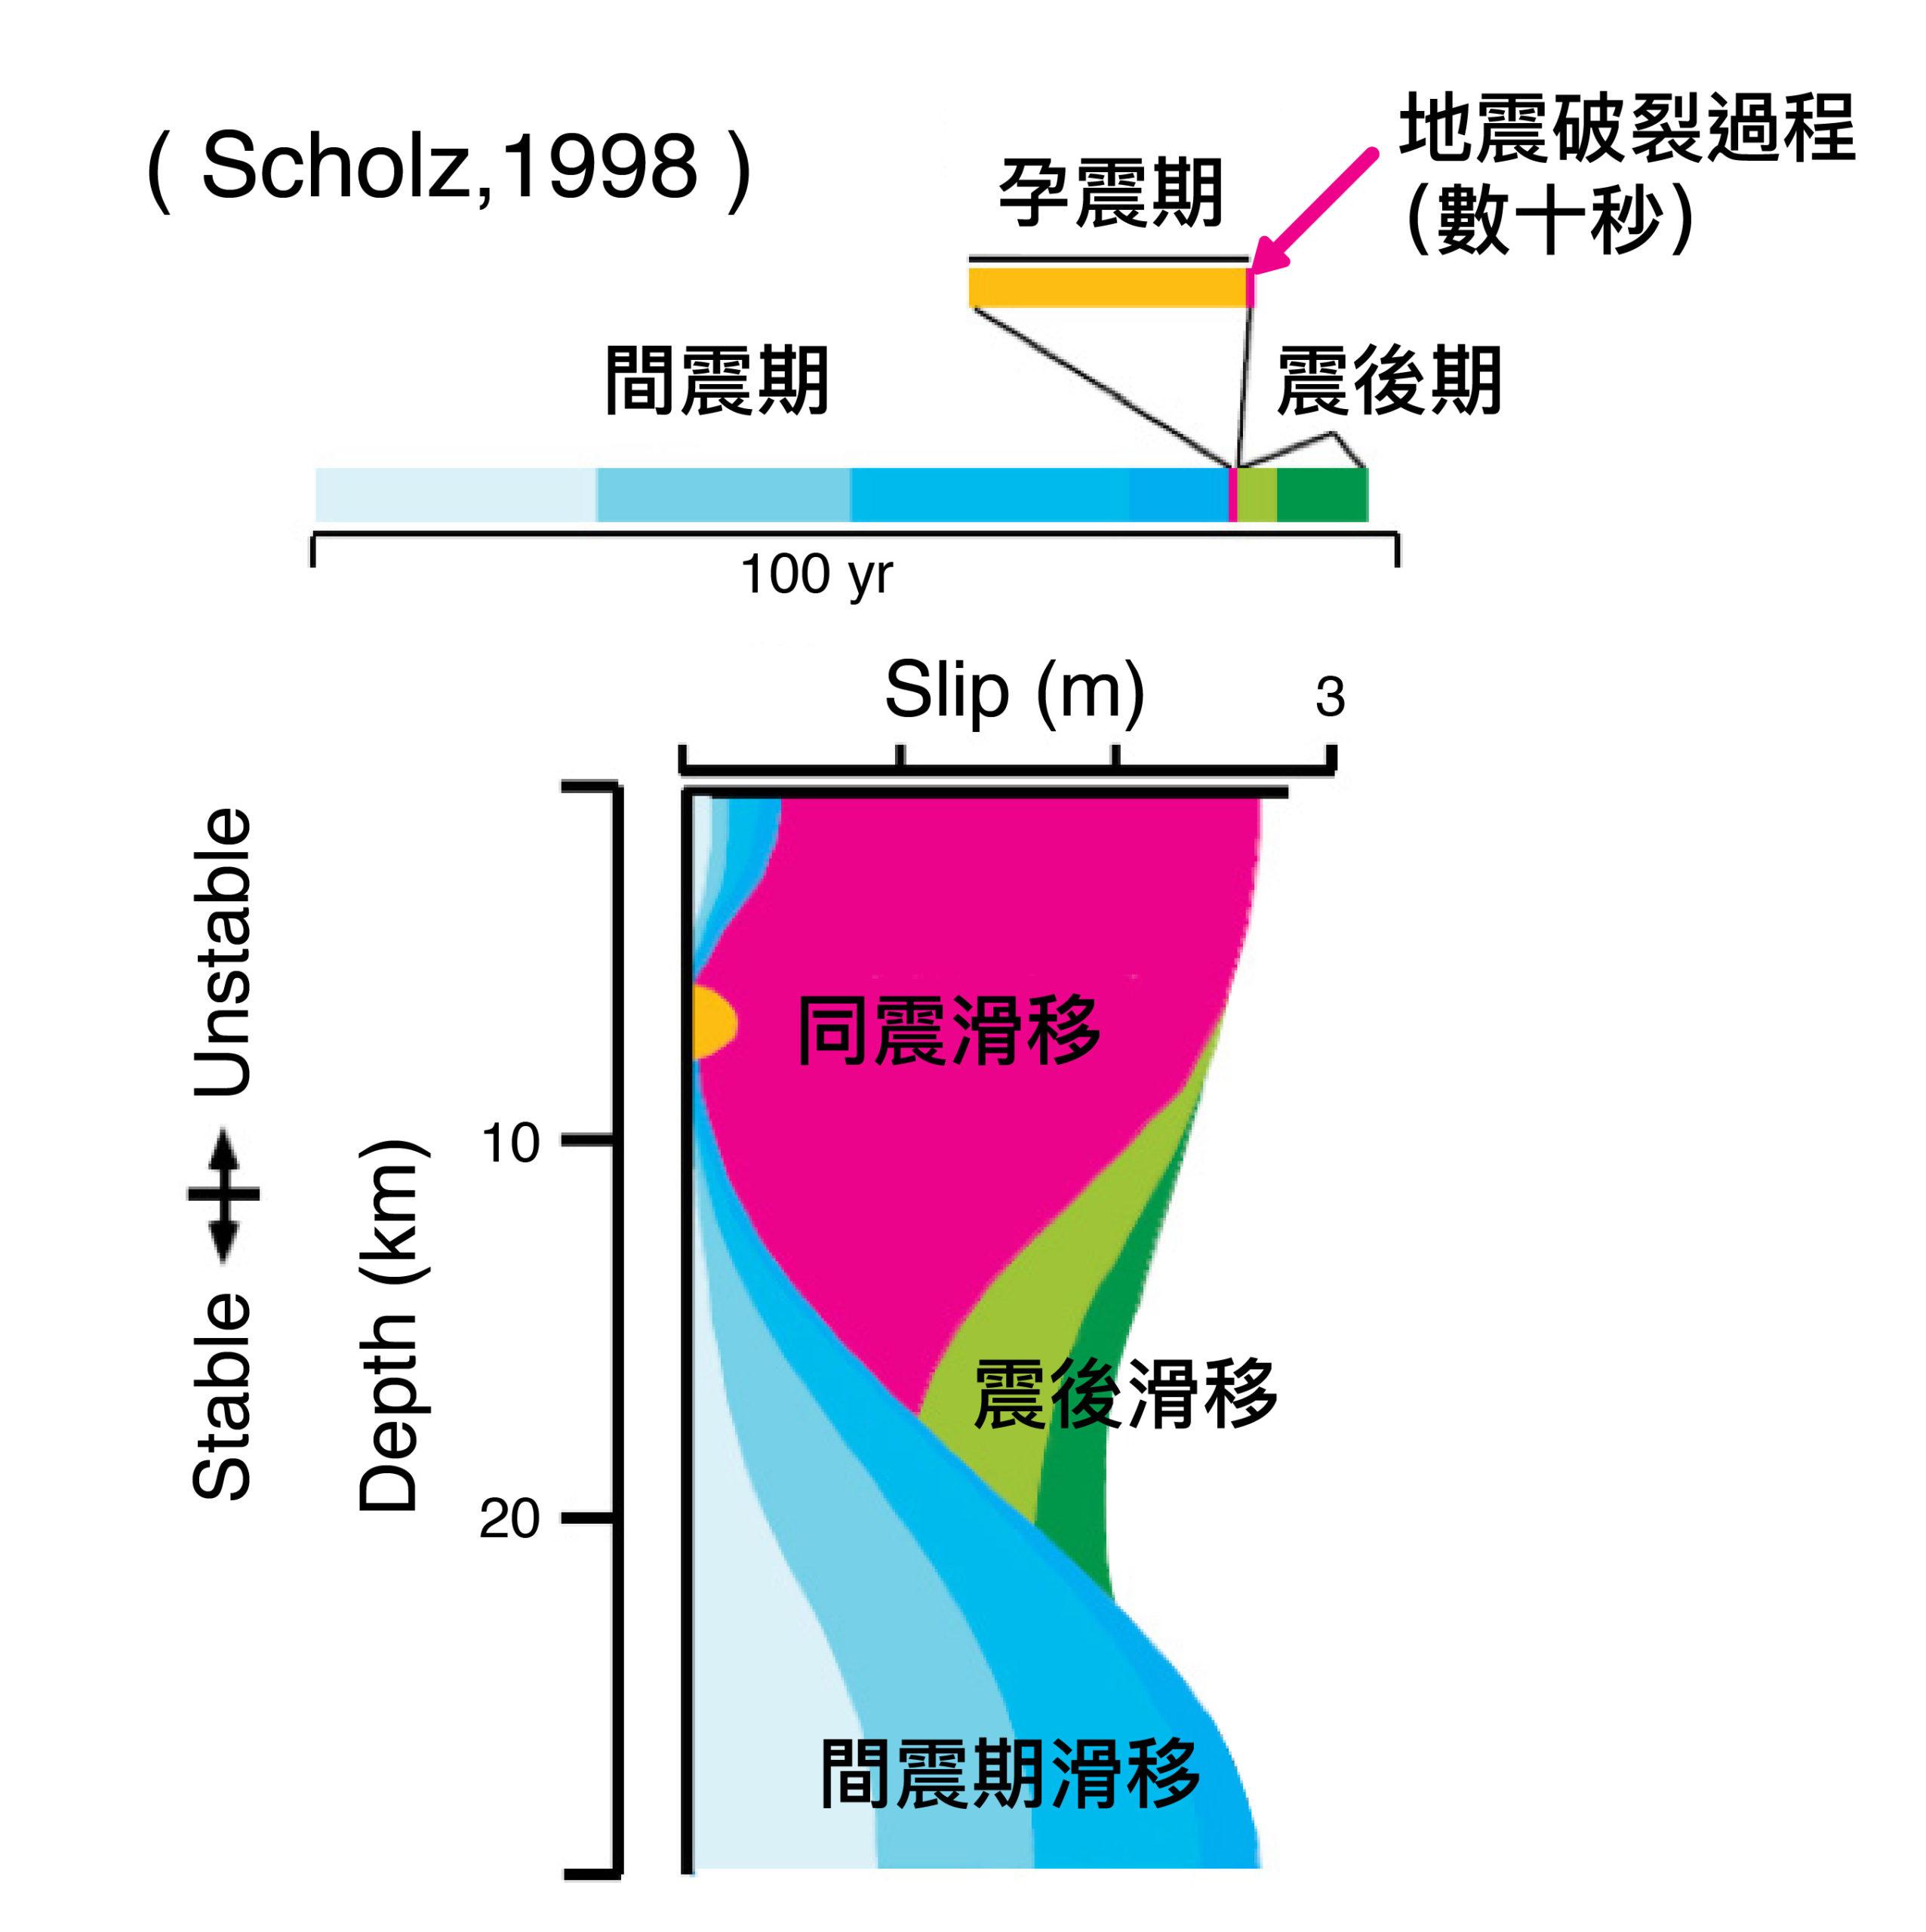 同震滑移、震後滑移、間震期滑移,可描述斷層累積及釋放能量的歷程。圖│Scholz, 1998